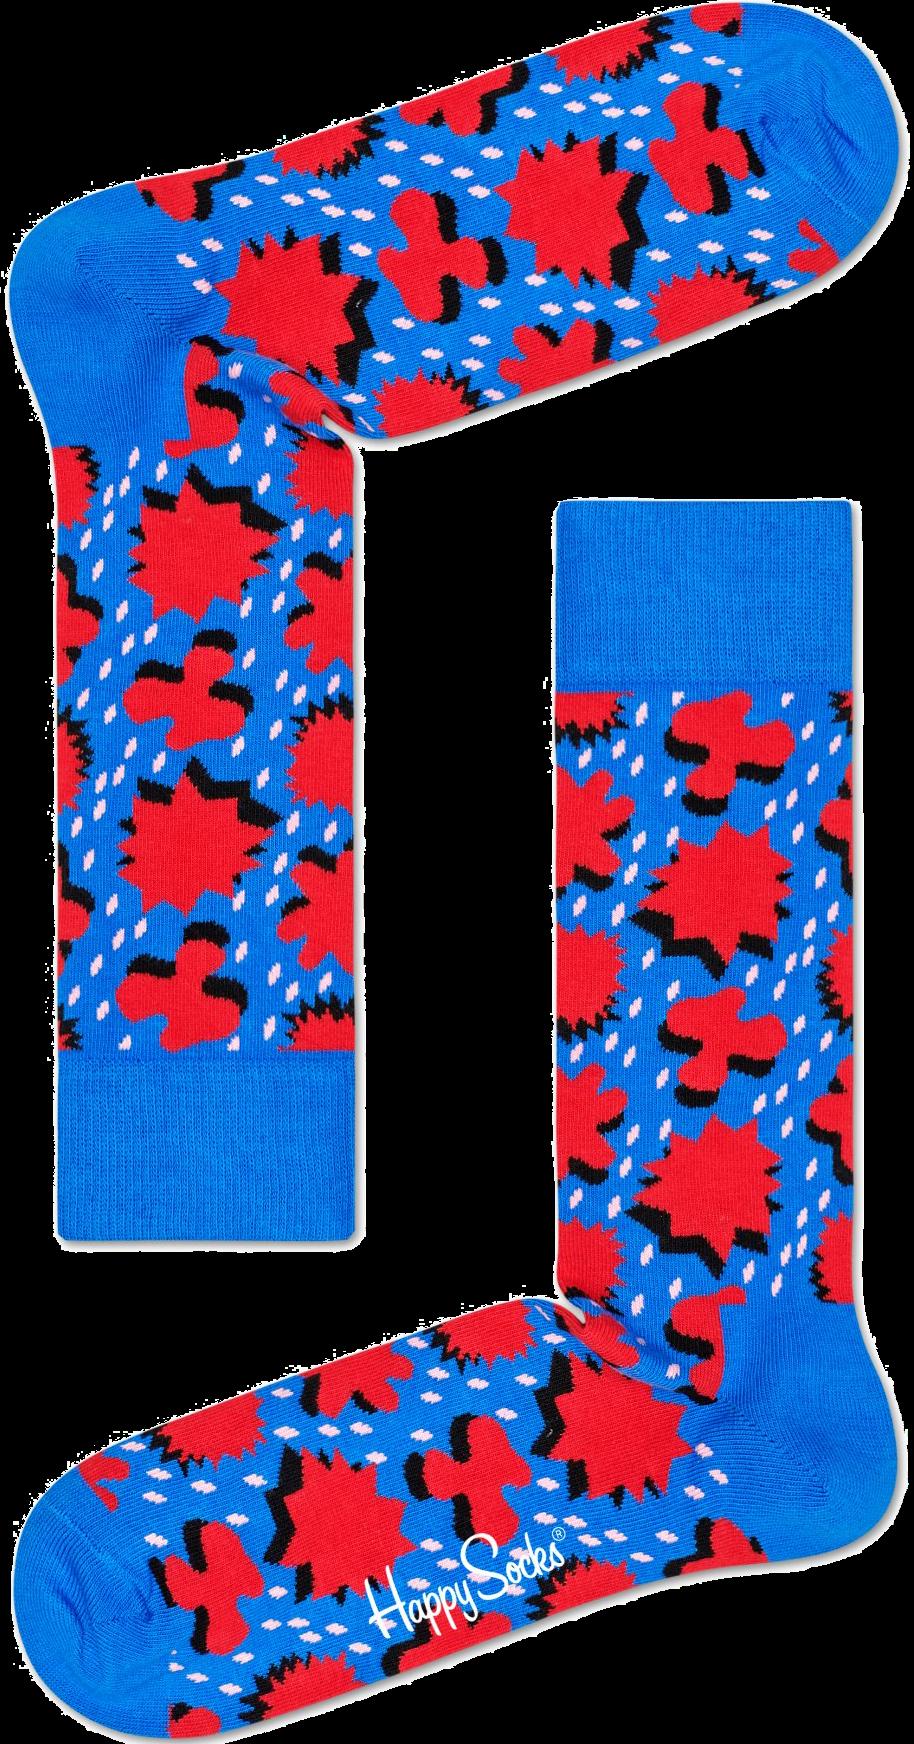 Blaue HAPPY SOCKS Socken COMIC RELIEF cdxxo